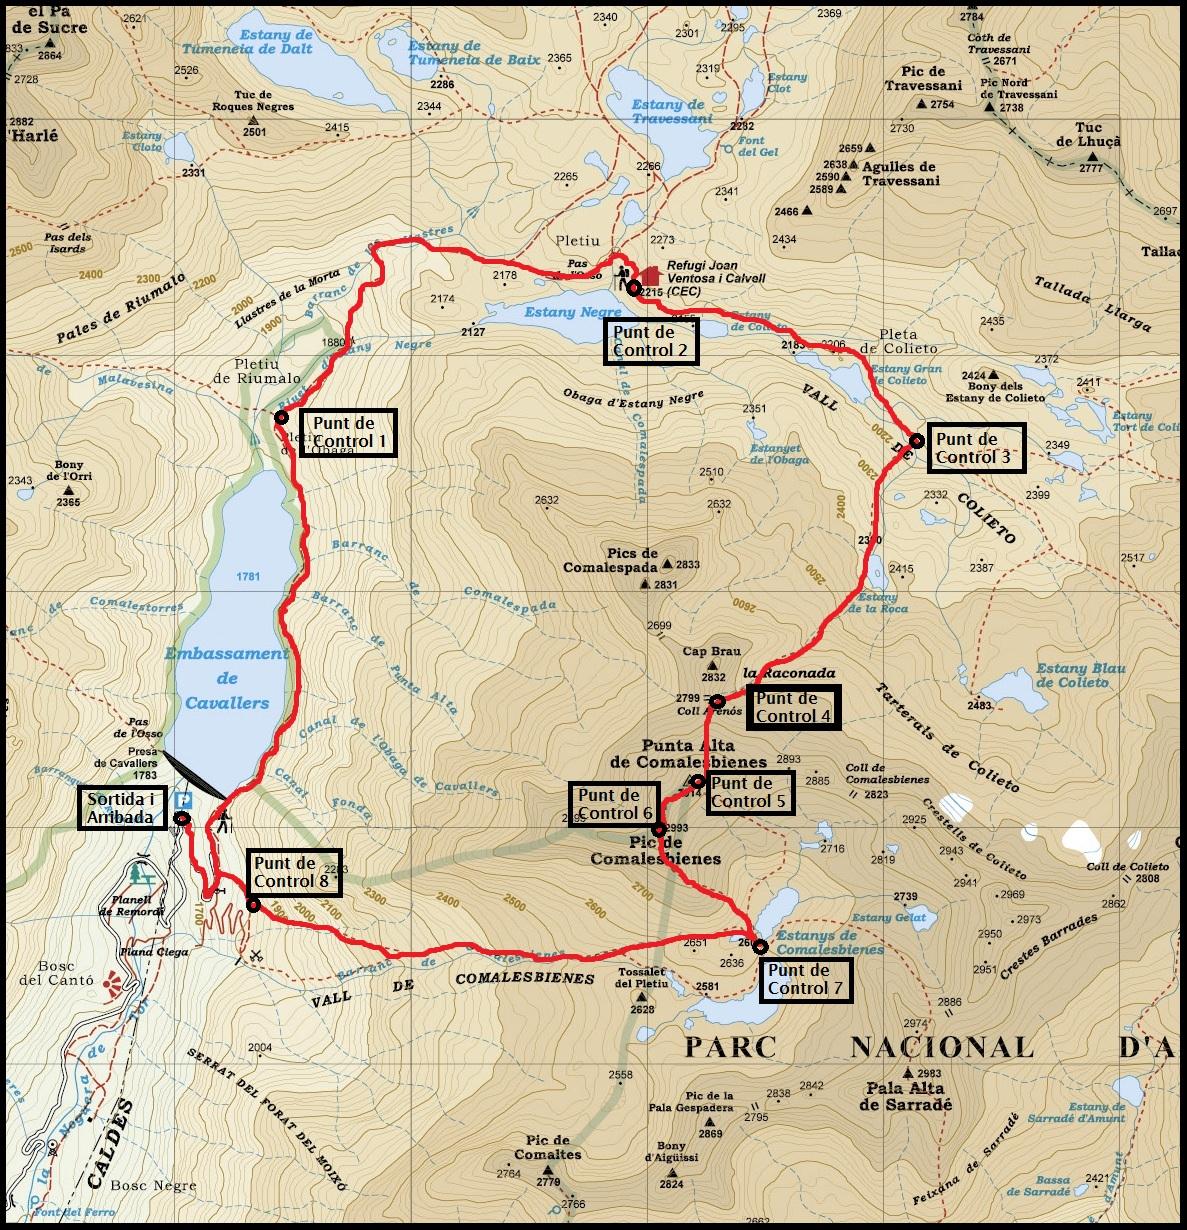 De fita en fita la punta alta 3014 m mapa amb els punts de referncia thecheapjerseys Choice Image